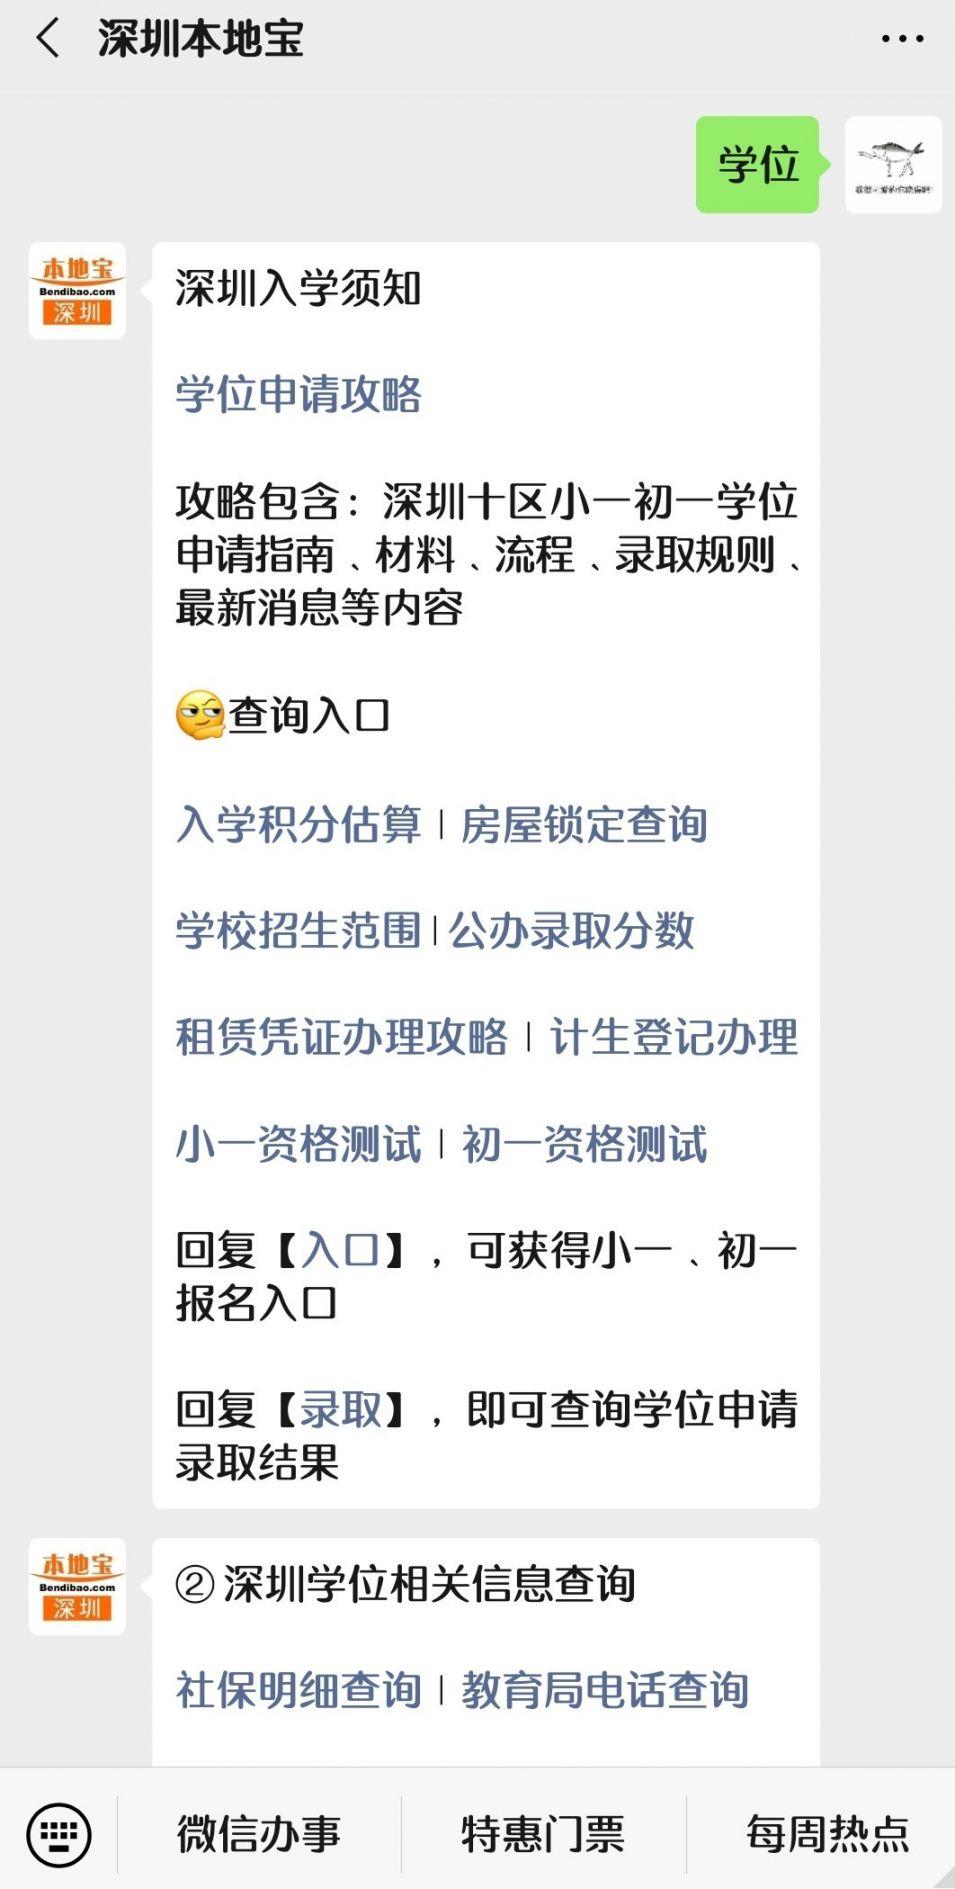 2020年深圳罗湖义务教育学位申请分类和积分办法